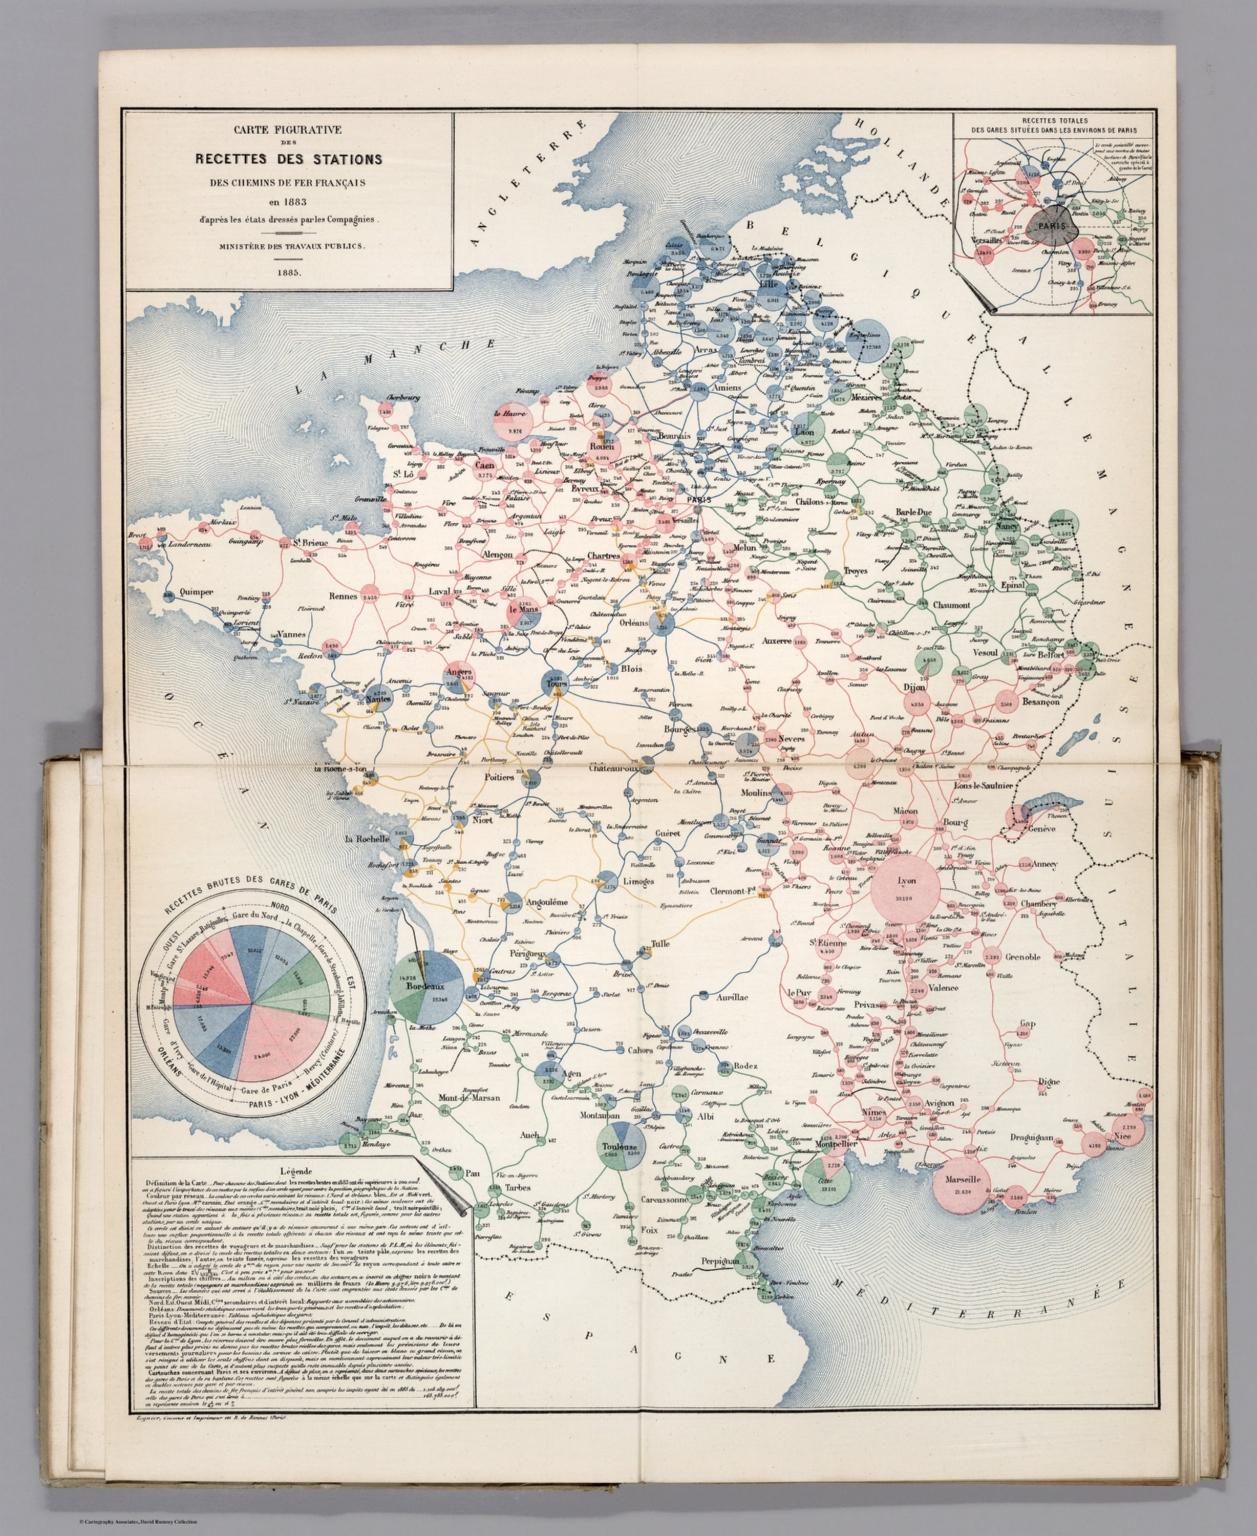 Carte Figurative des Recettes des Stations des Chemins de Fer Francais en 1883.